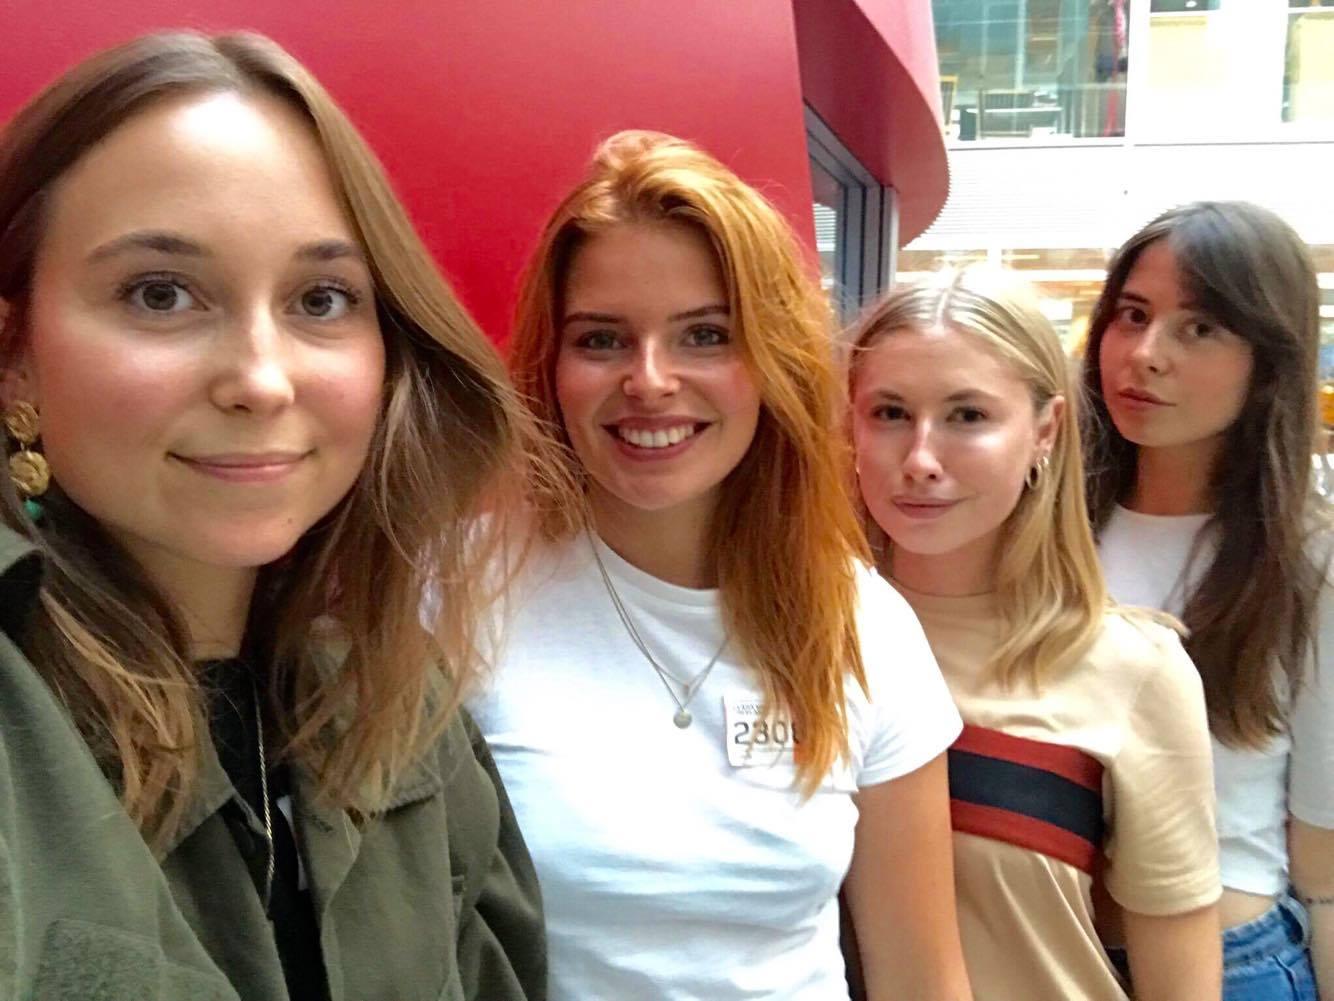 De fire unge kvinder